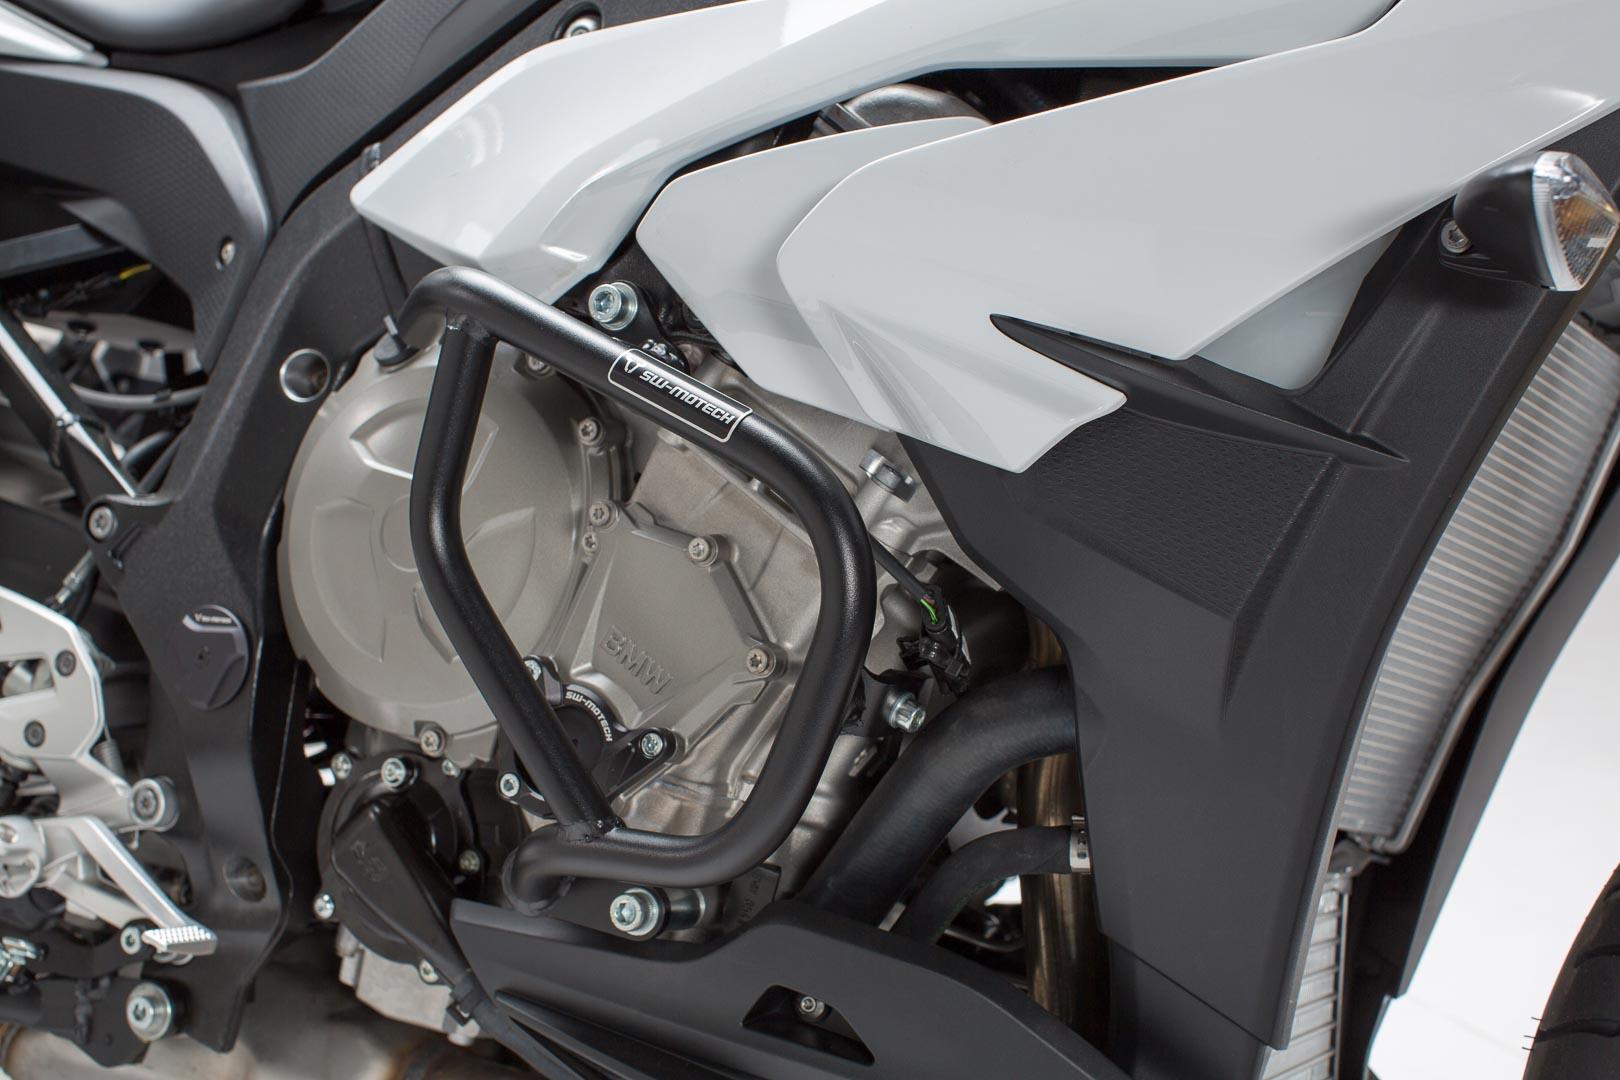 Moottorinsuojarautasarja, BMW S1000XR 15-19